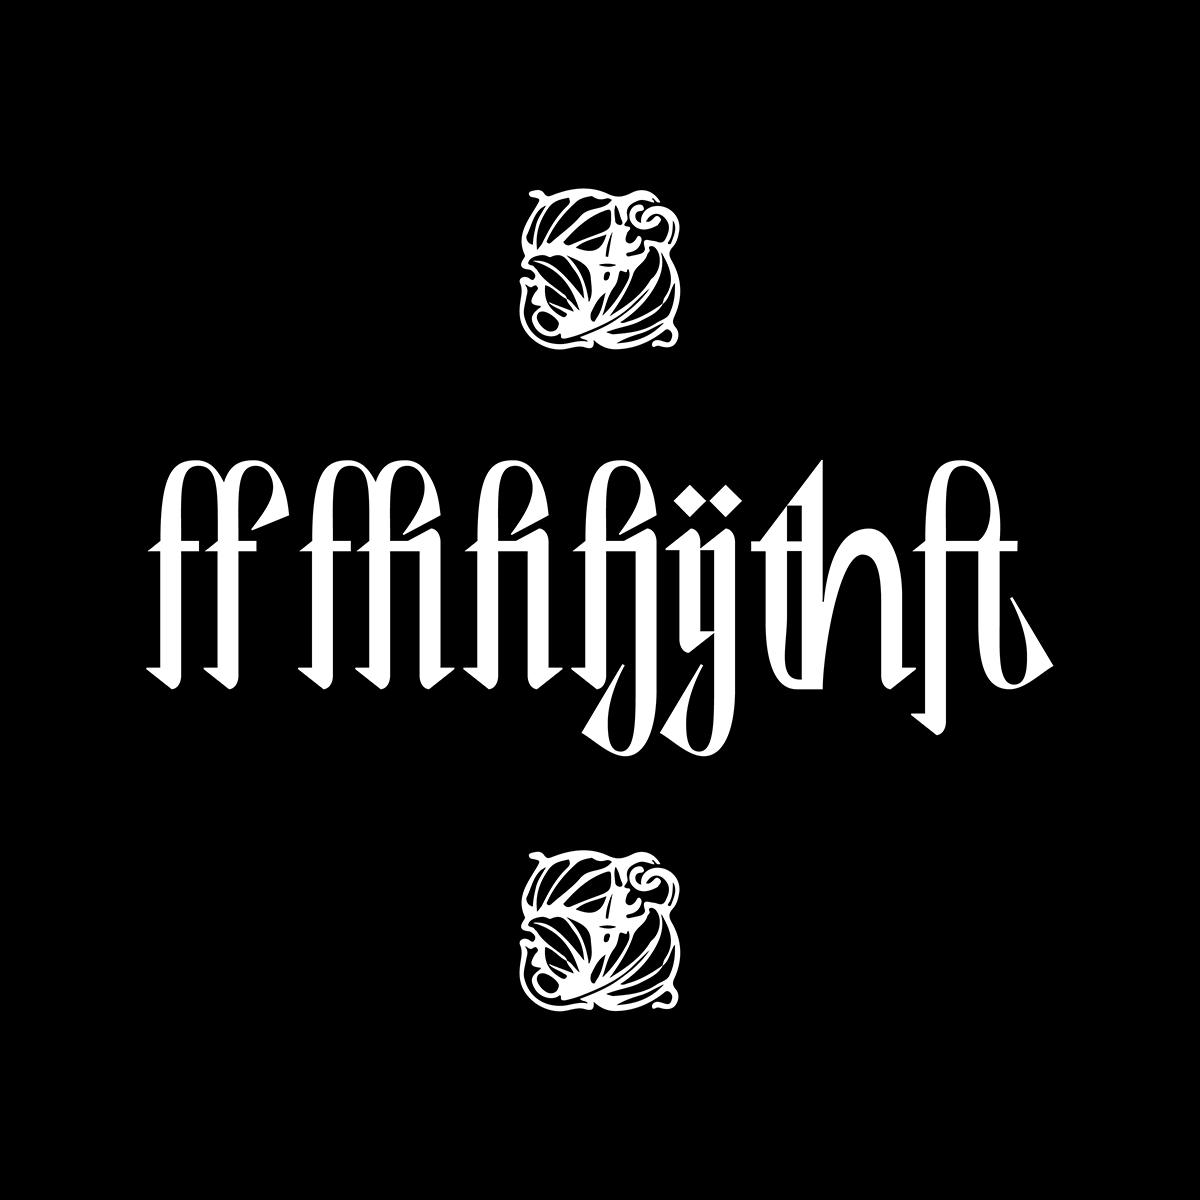 Durance typeface ligatures